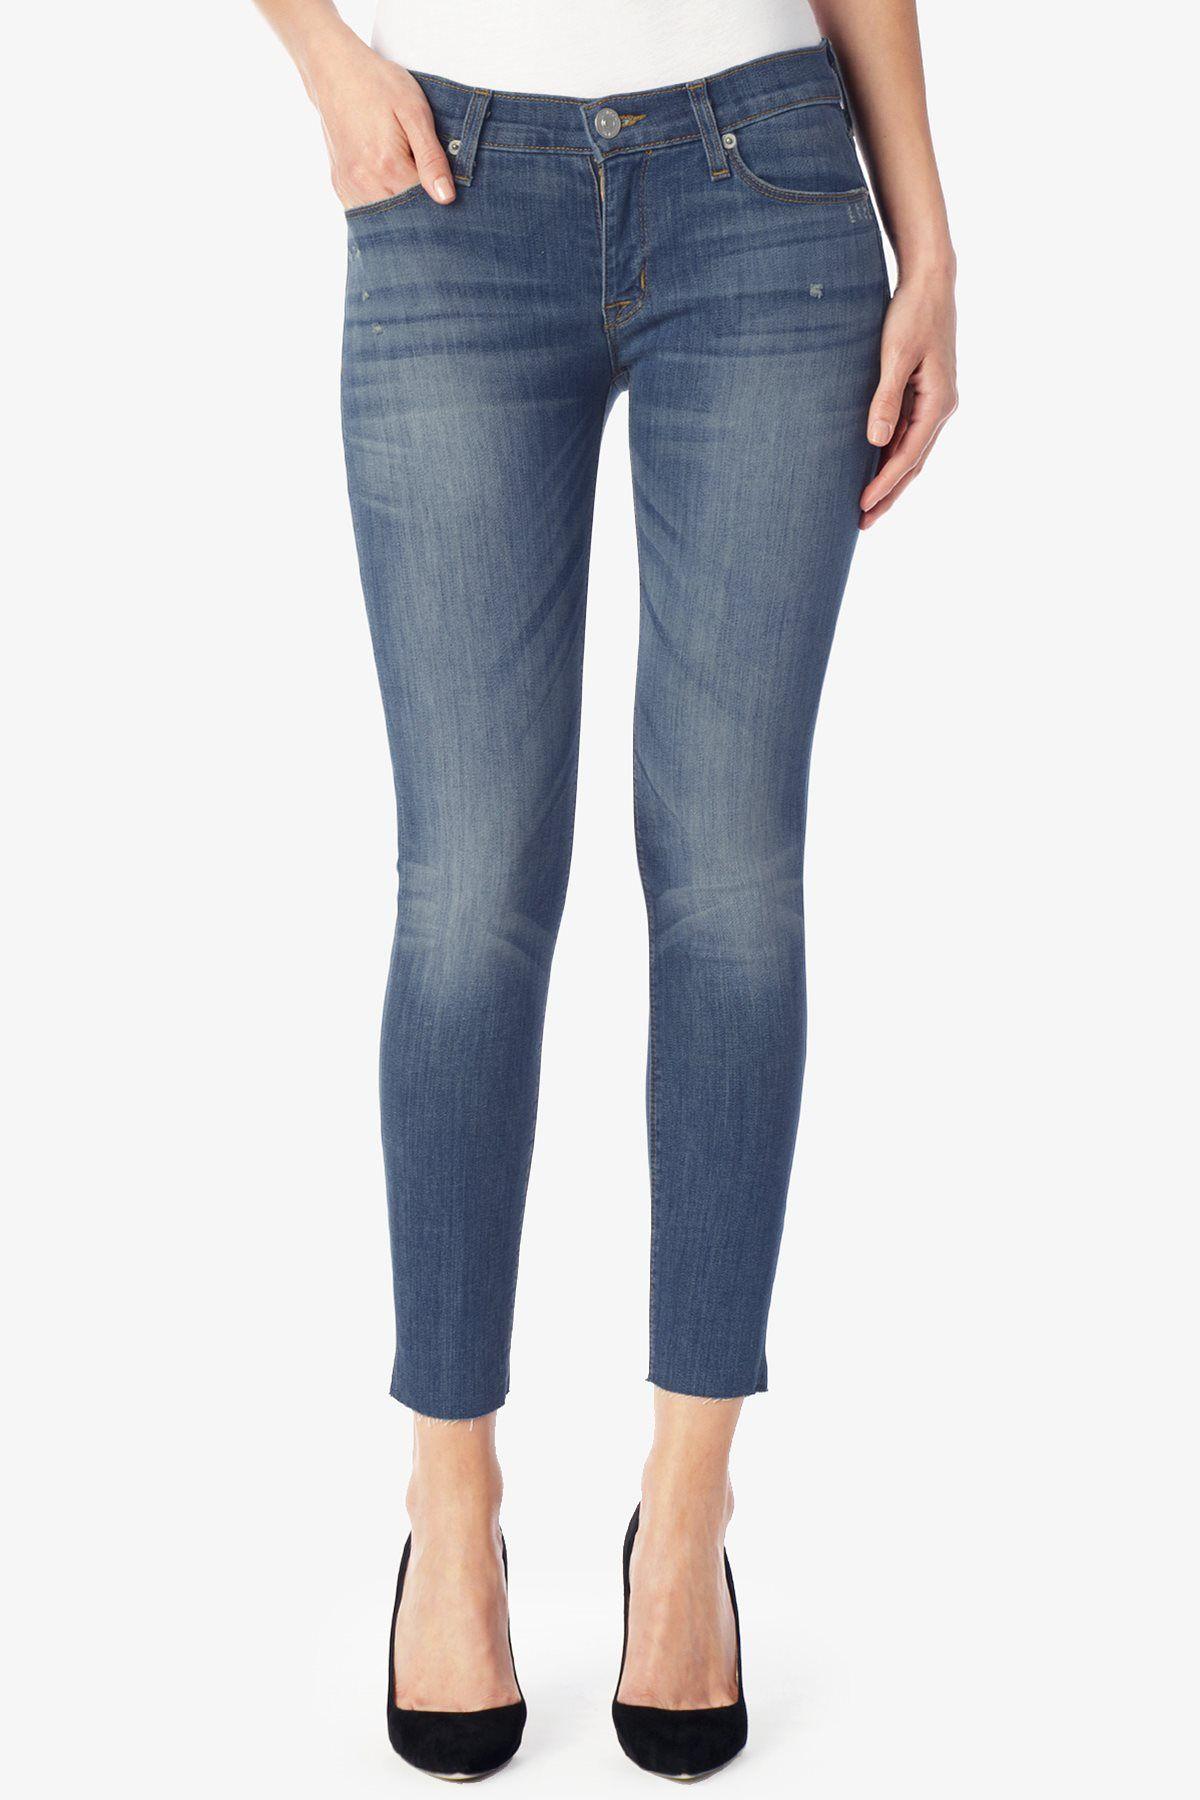 1d26d7716b4 Krista Super Skinny Crop Raw Hem - Talk The Talk | Hudson Jeans ...